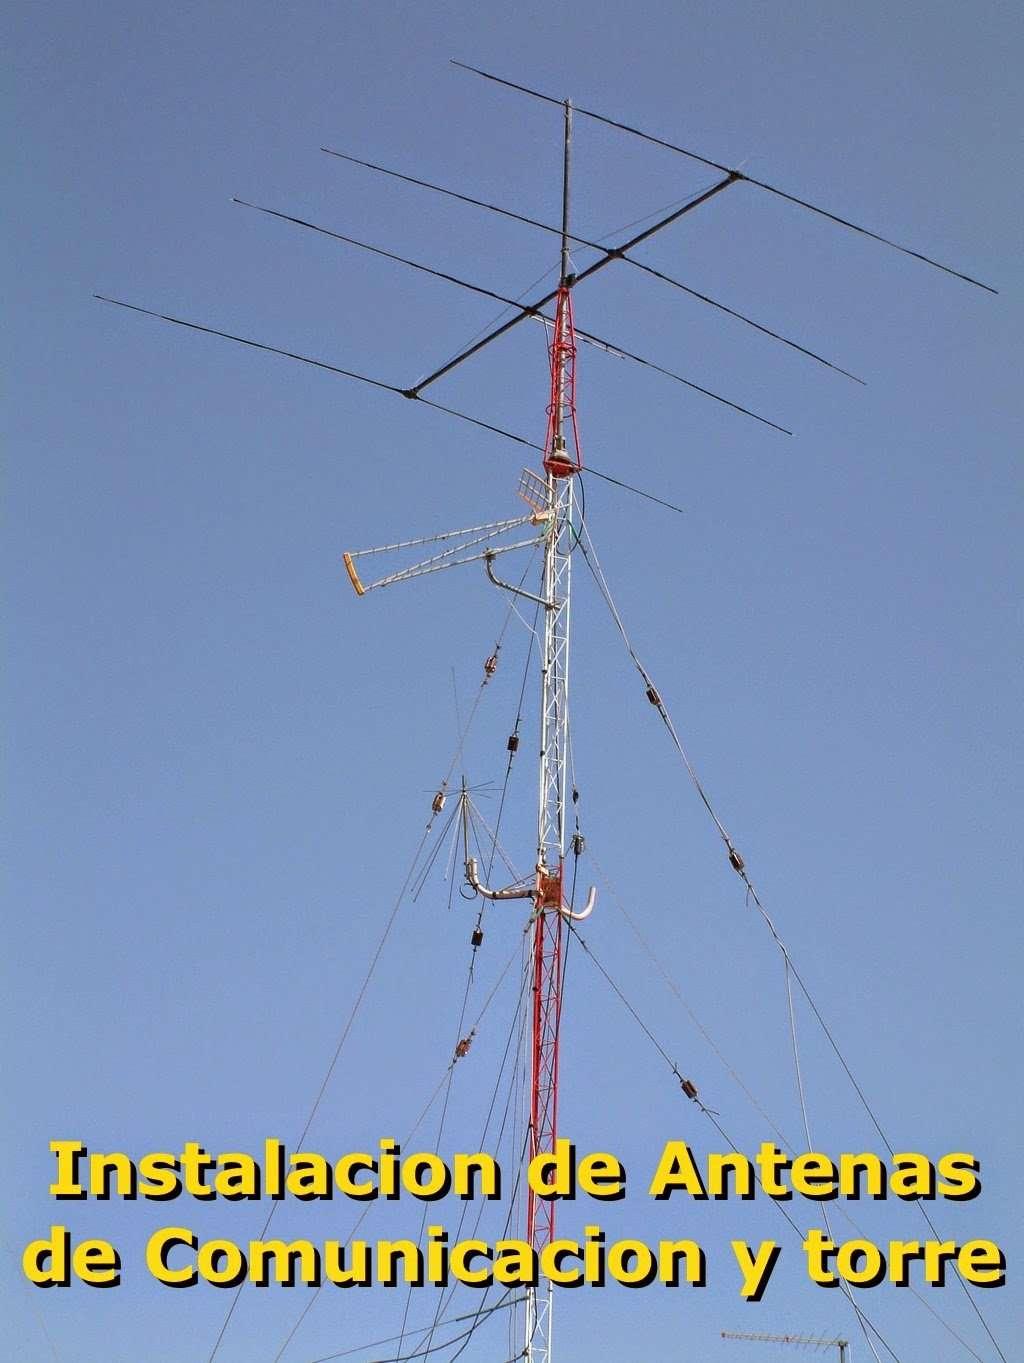 instalacion-de-antenas-de-comunicacion-y-torres-juan-luis-martel